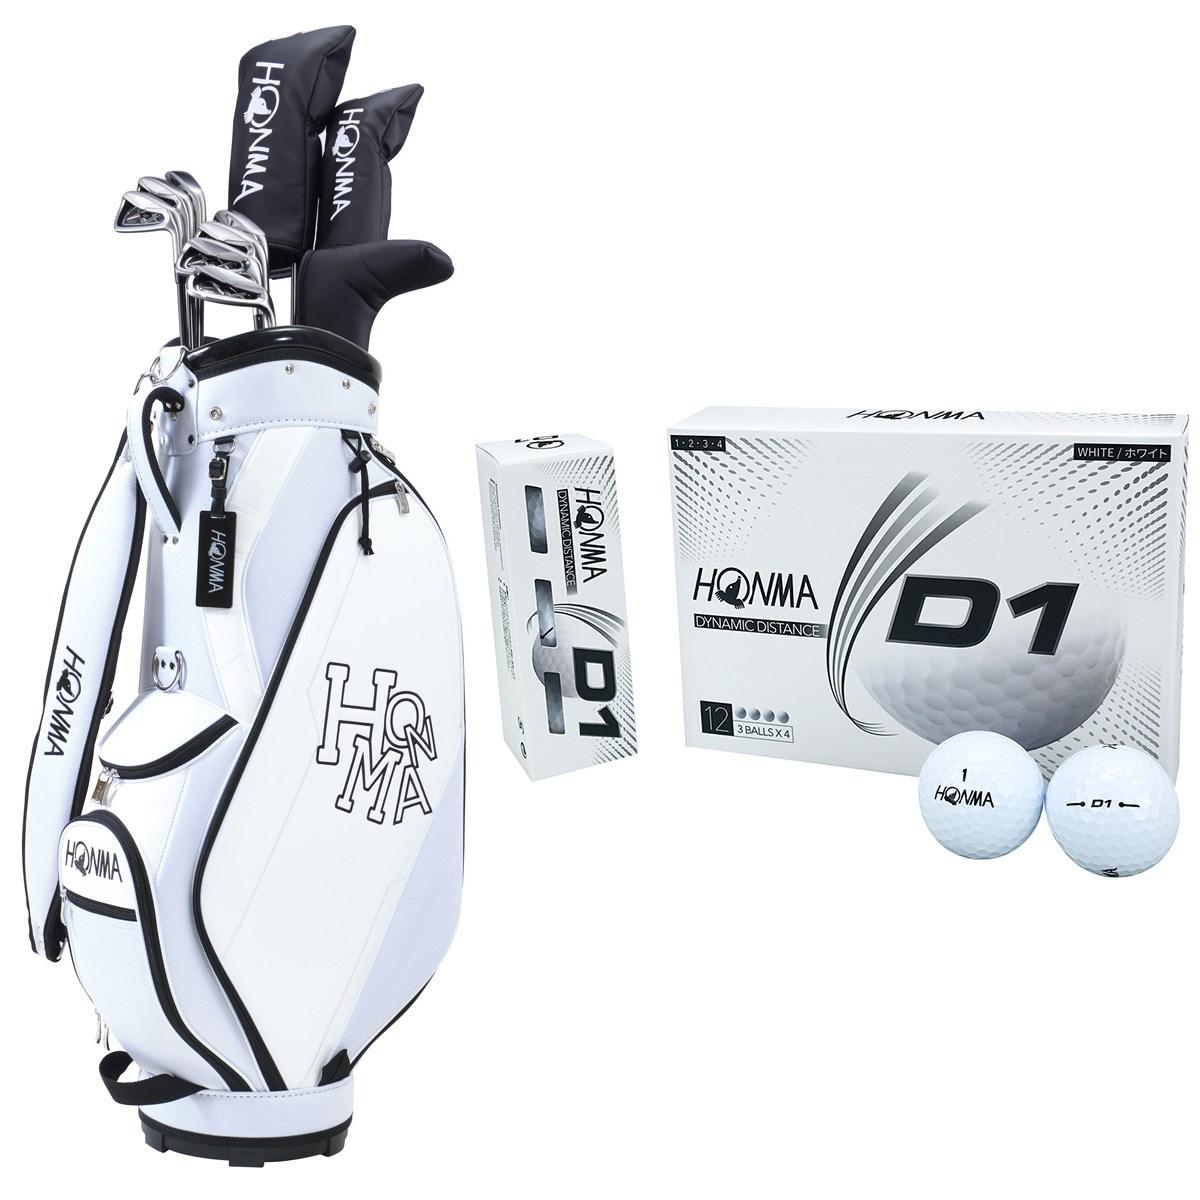 本間ゴルフ HONMA D1 オールインワンセット(10本セット)+ボール1ダースセット S 【クラブセット】ホワイト/【ボール】ホワイト